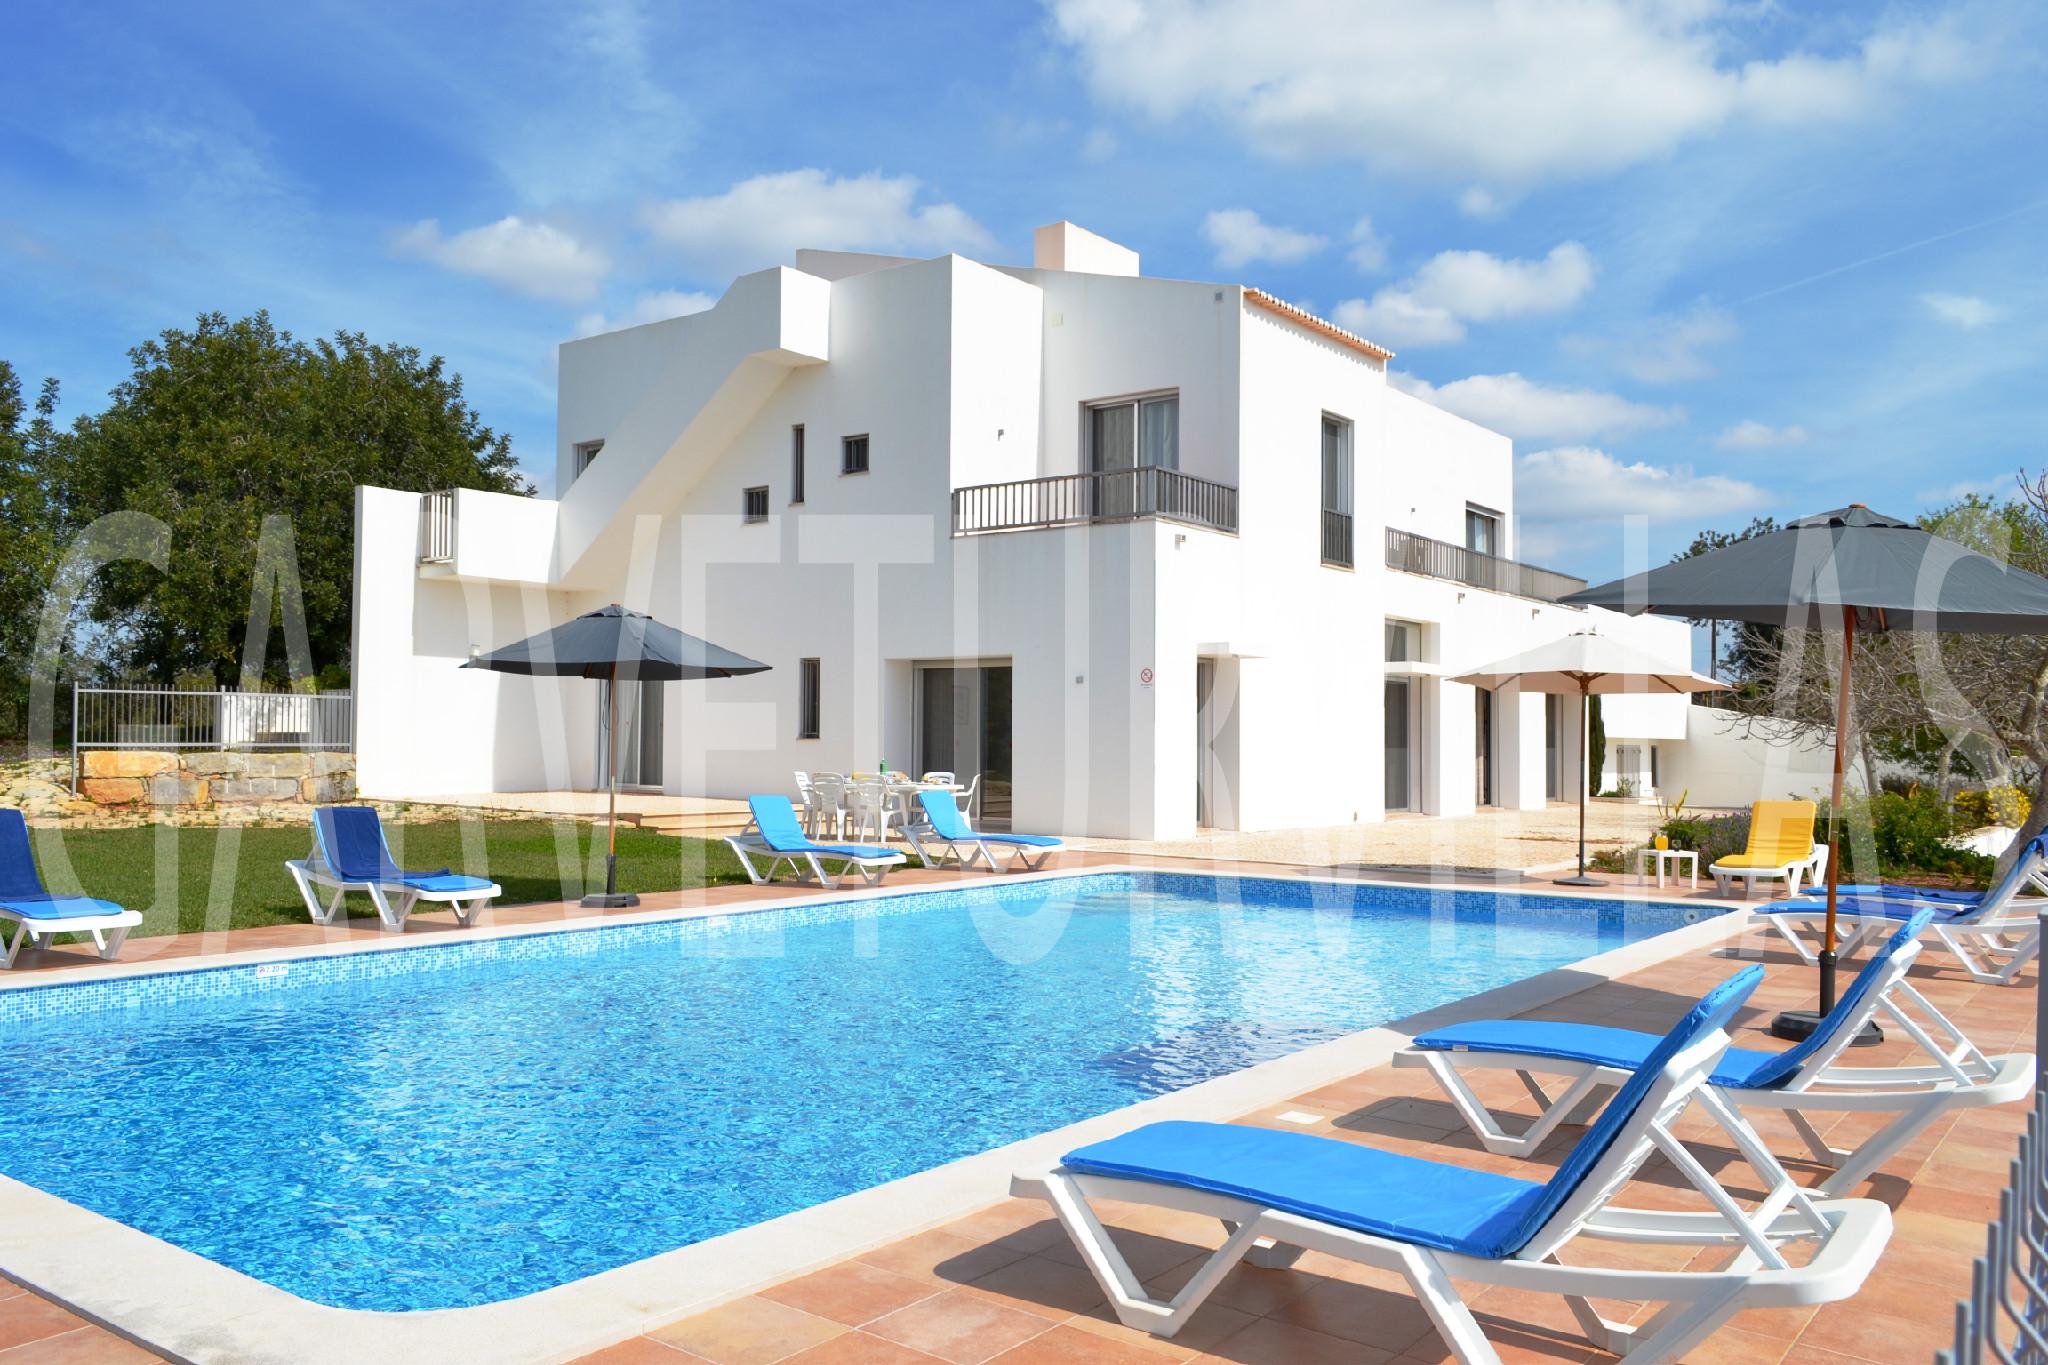 Garvetur_Algarve - Silves